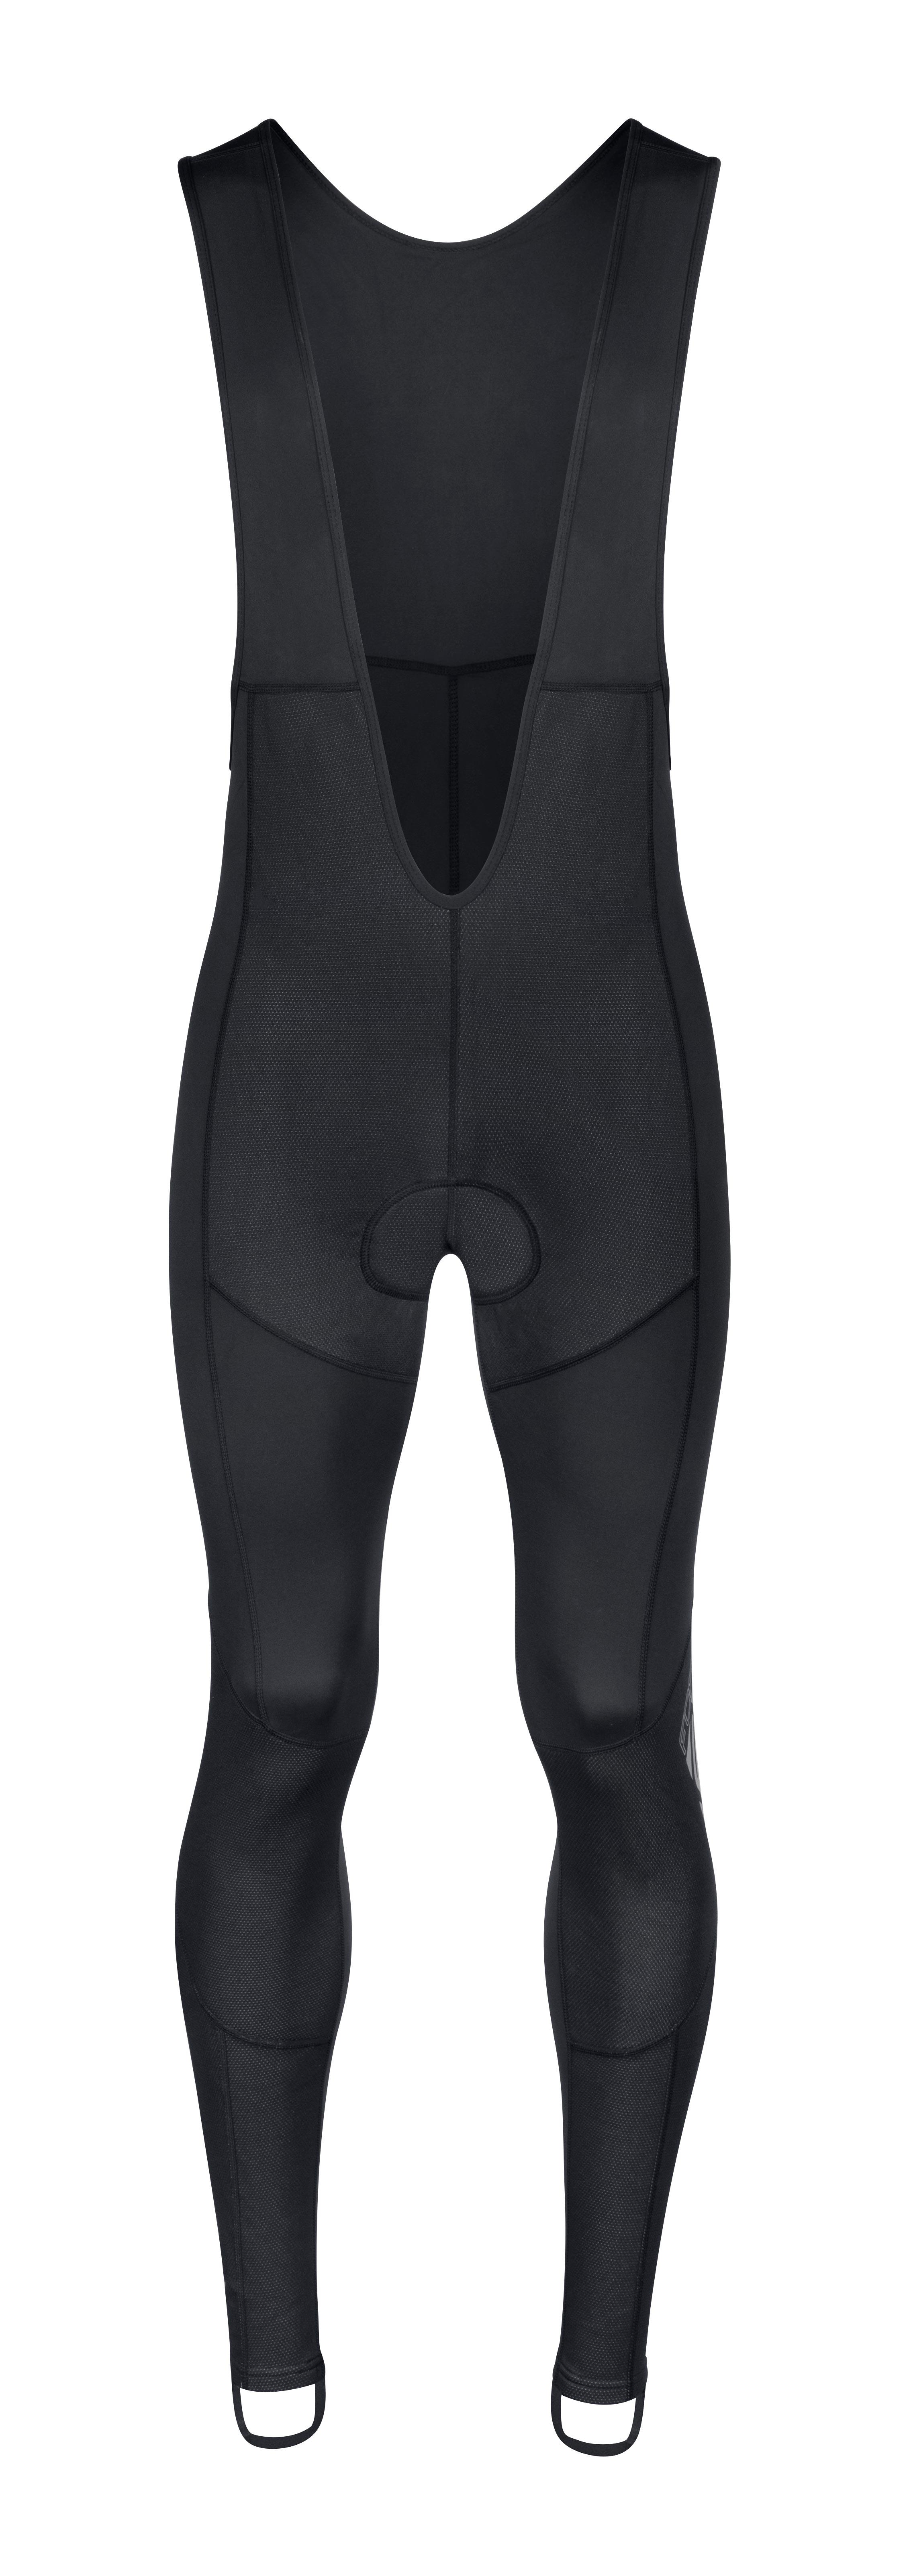 kalhoty F SHARD WINDSTER se šráky a vl, črn L